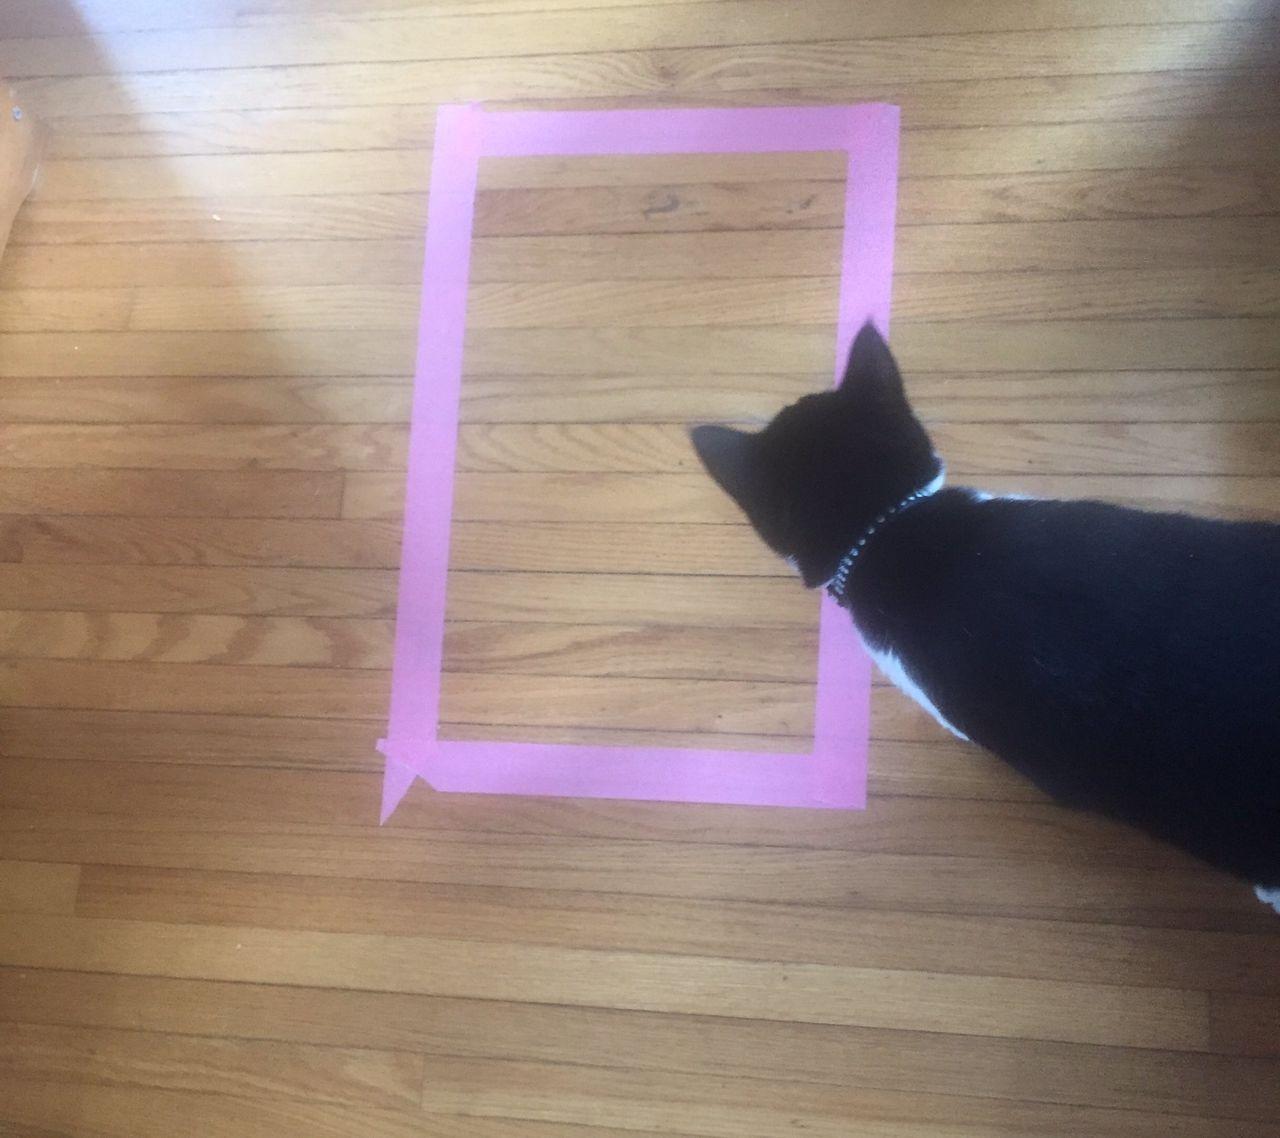 Ученые выяснили, что кошки могут забираться в воображаемые коробки